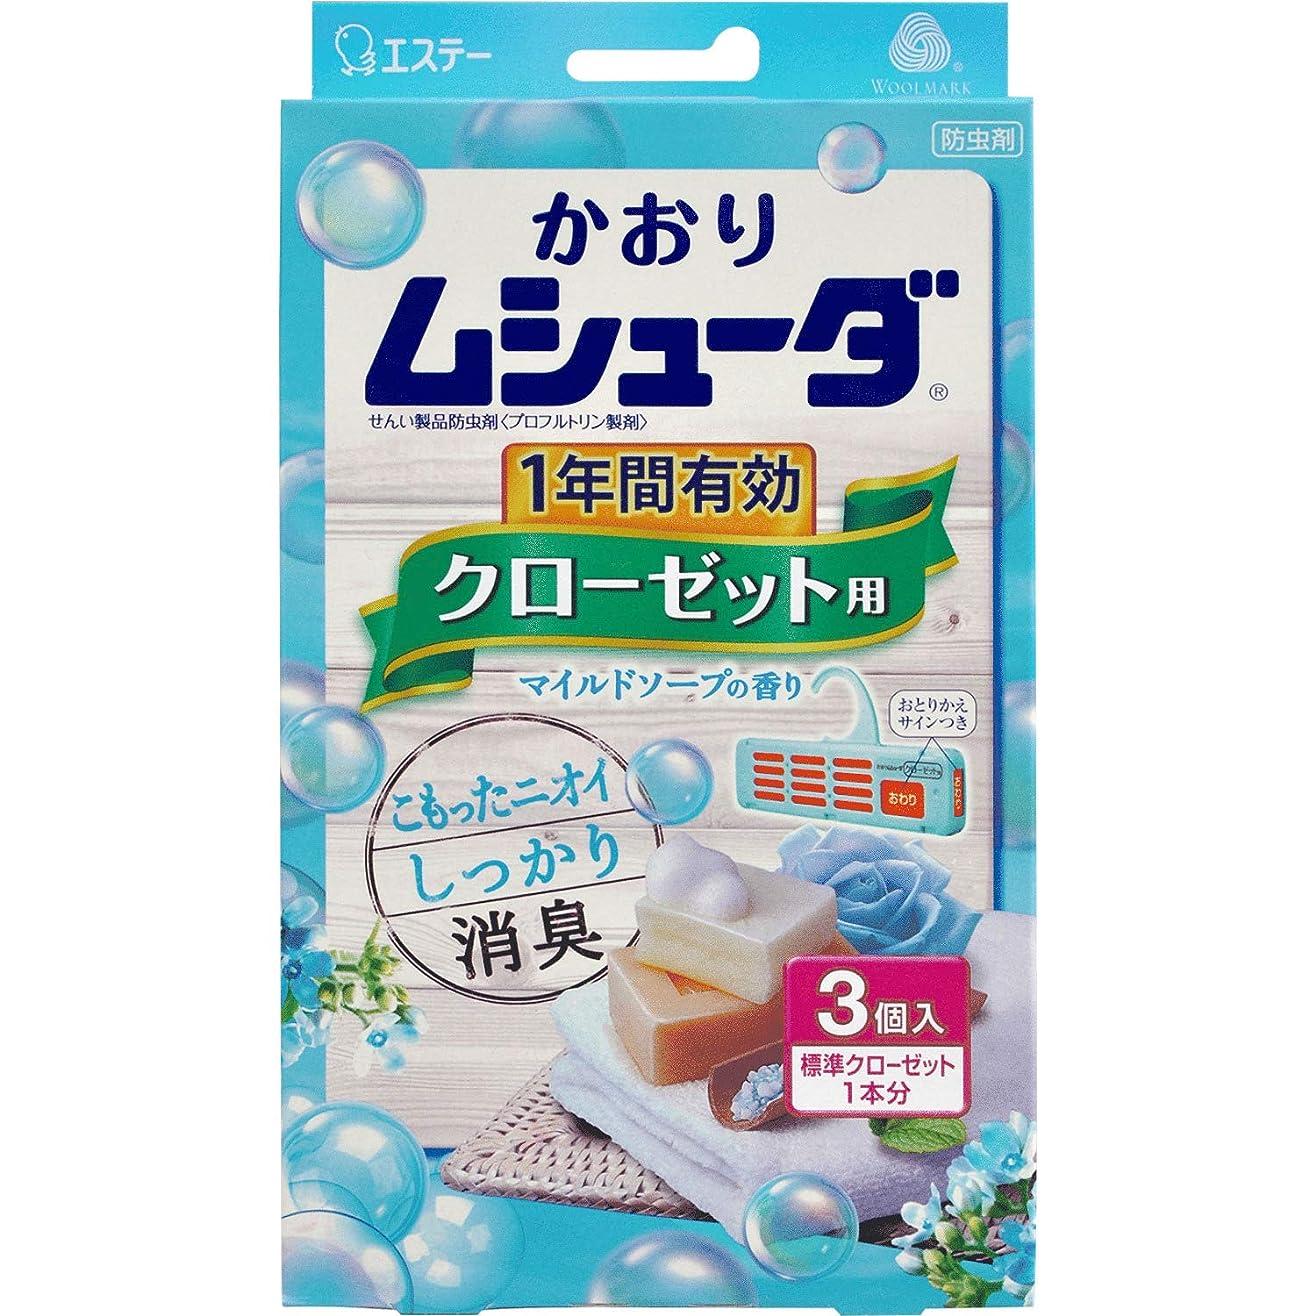 パックトライアスロンフォームかおりムシューダ 1年間有効 防虫剤 クローゼット用 3個入 マイルドソープの香り